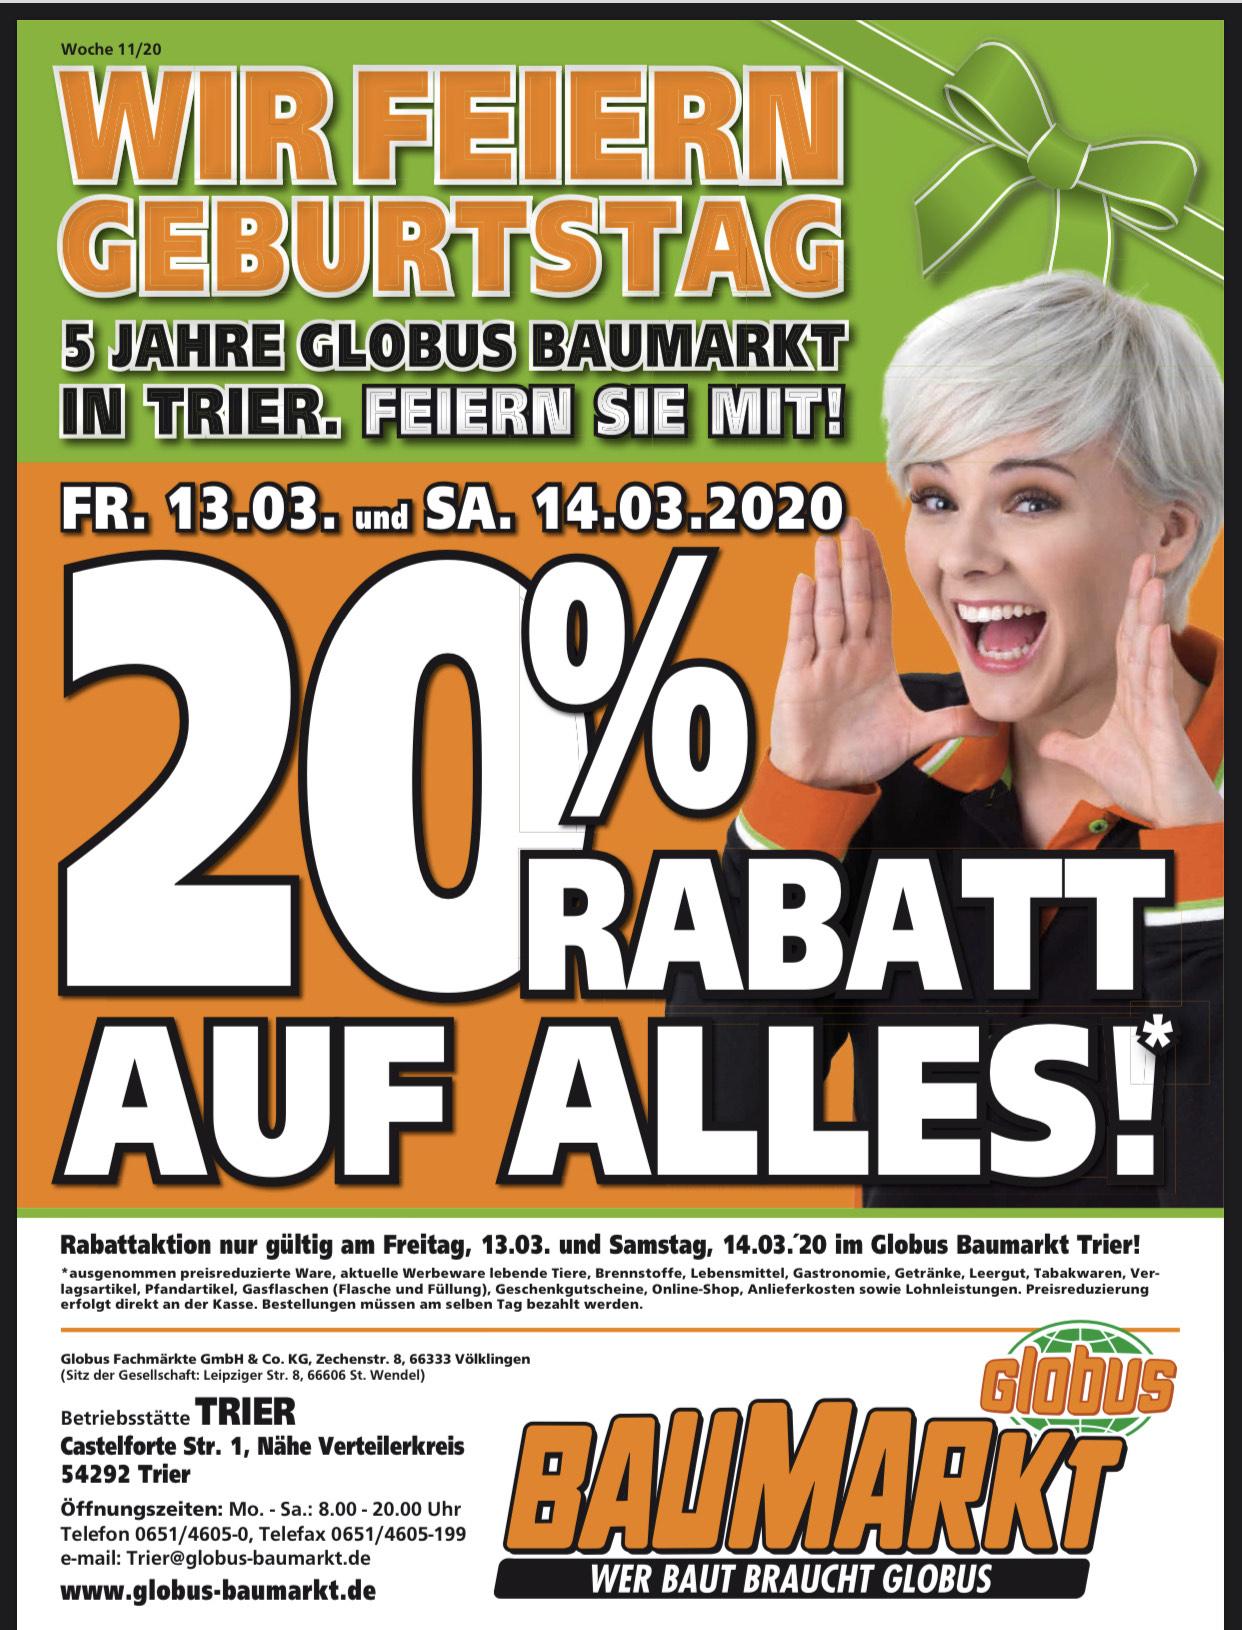 *LOKAL* Trier (RLP) Globus Baumarkt 20% Rabatt auf alles